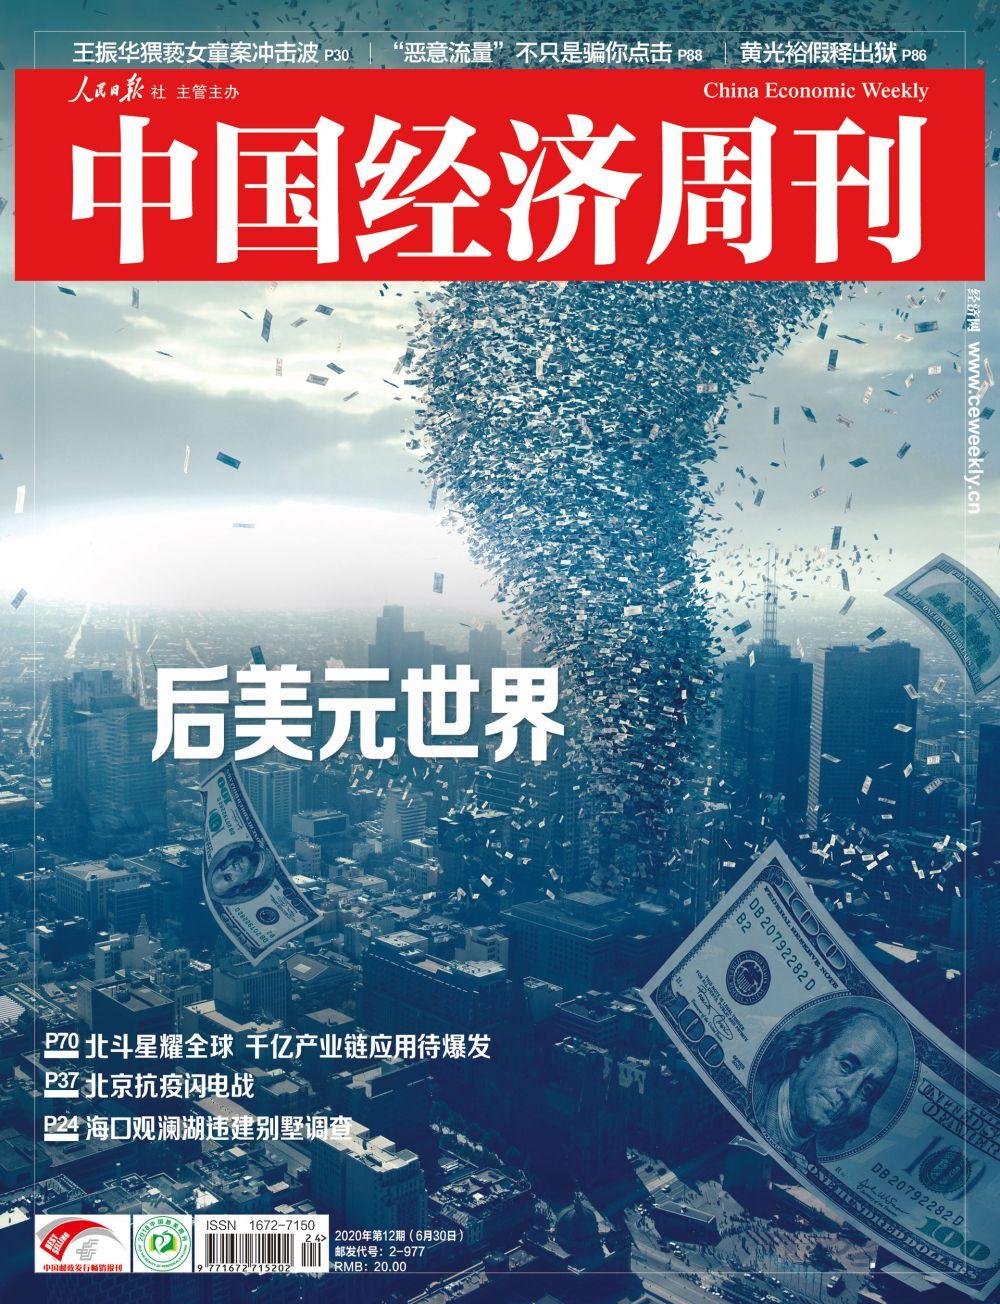 2020年第12期《中国经济周刊》封面